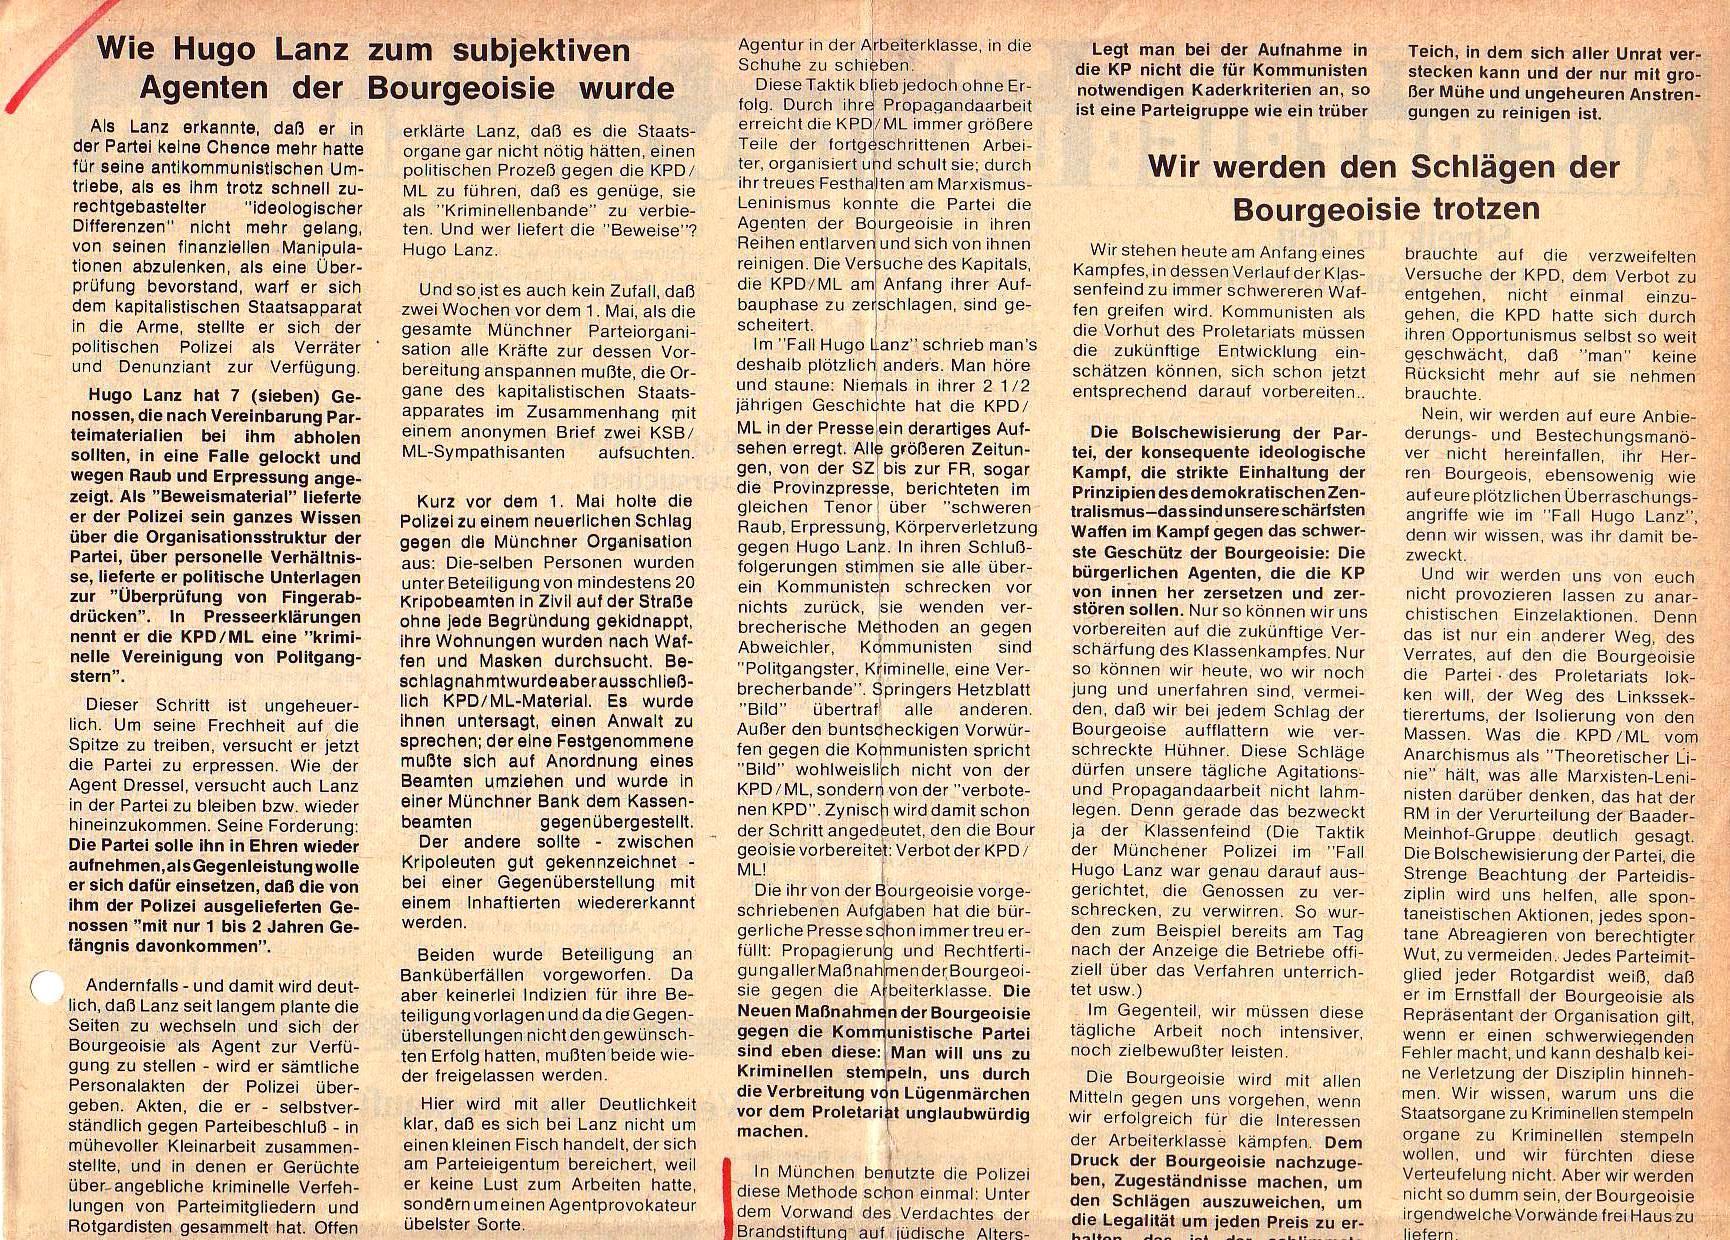 Roter Morgen, 5. Jg., Juni 1971, Nr. 6, Seite 3a